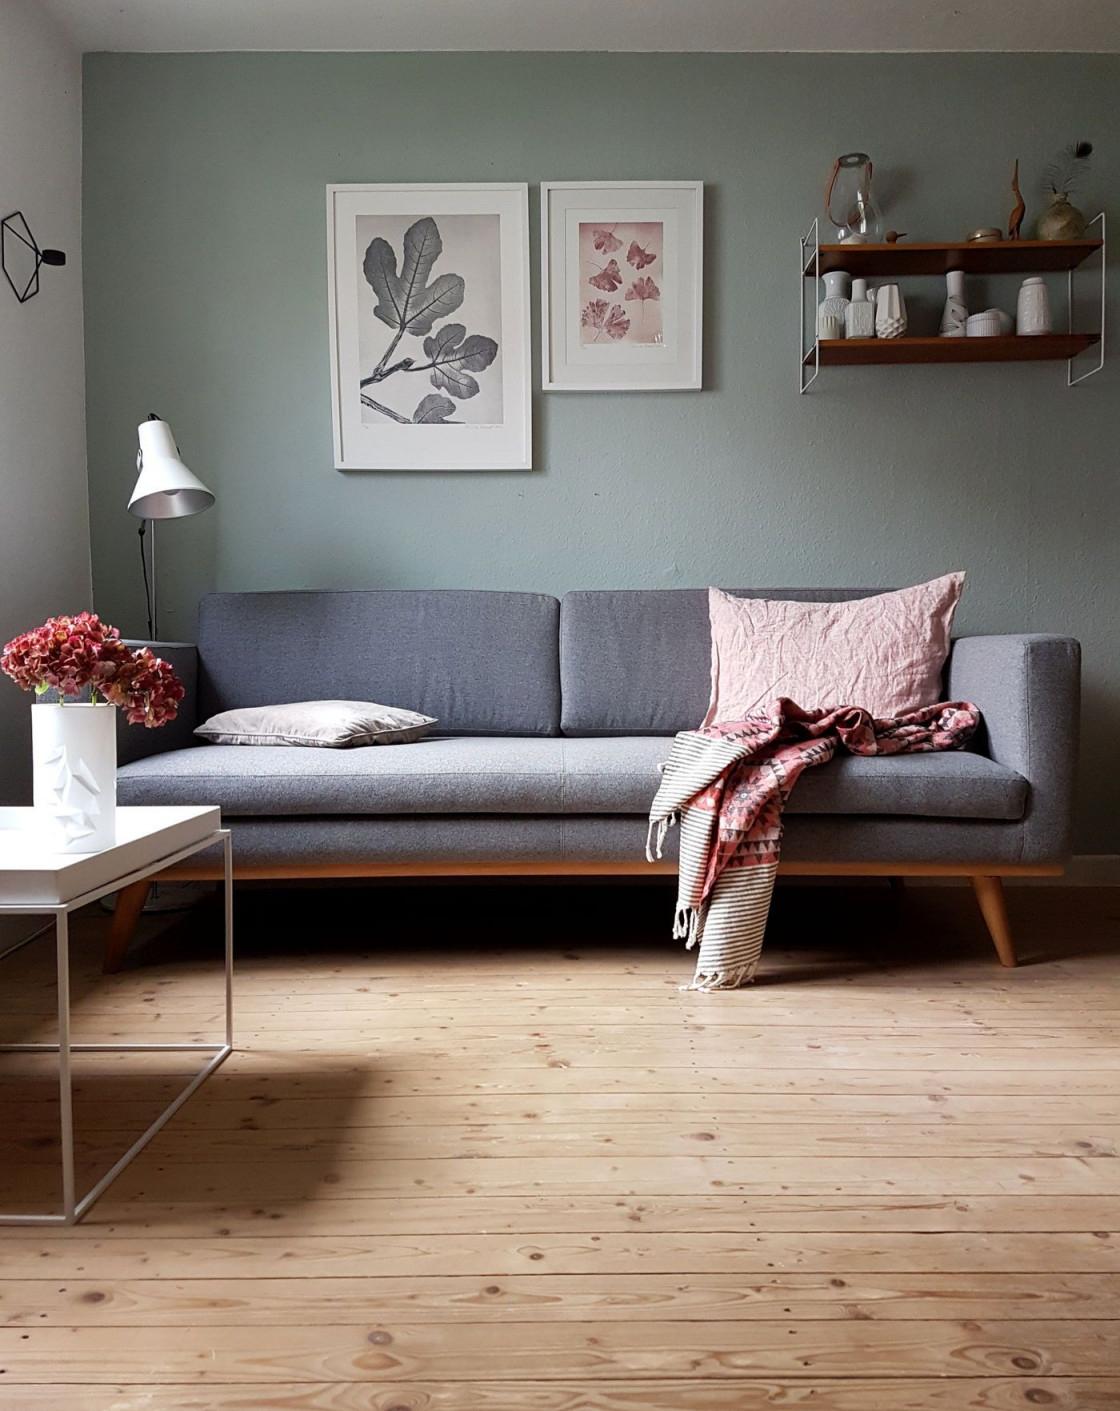 Die Schönsten Ideen Für Die Wandfarbe Im Wohnzimmer von Wohnzimmer Ideen Wandfarbe Bild